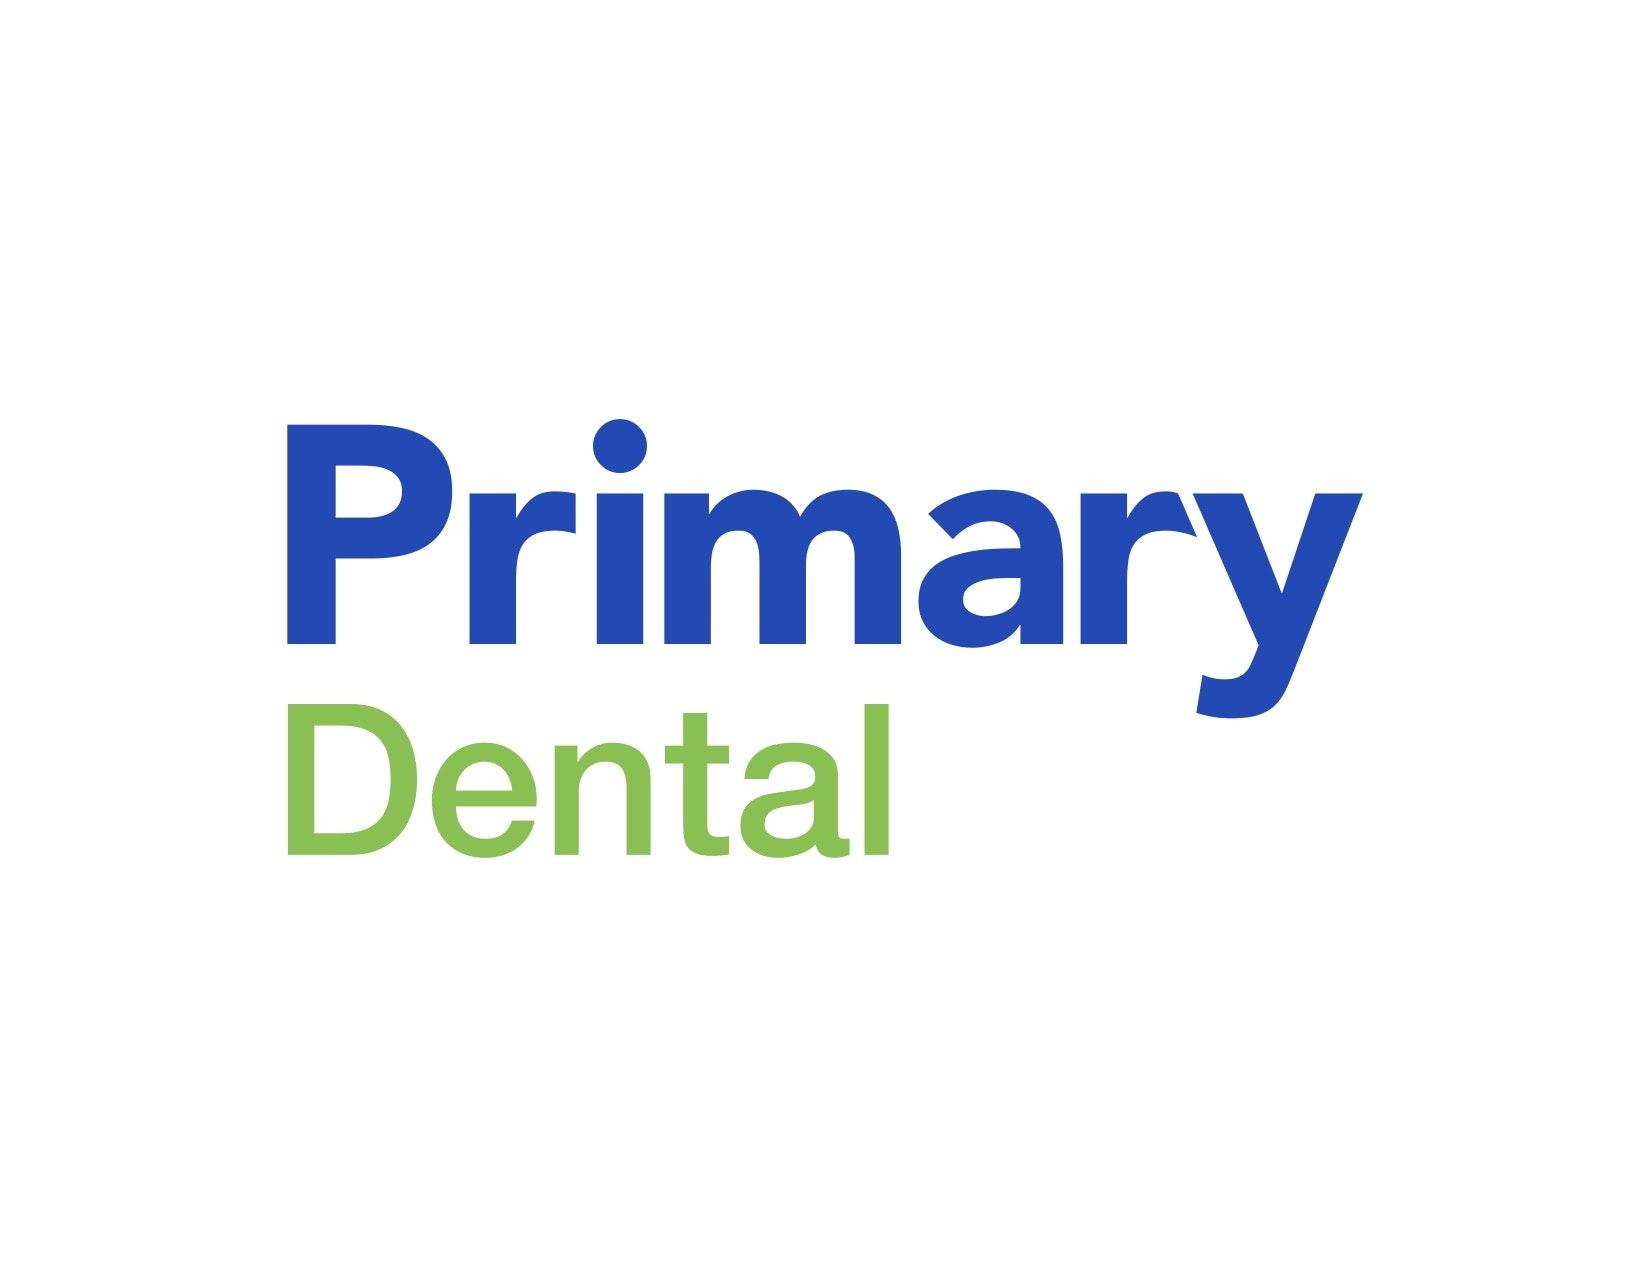 Maroubra Medical & Dental Centre (Primary Dental)